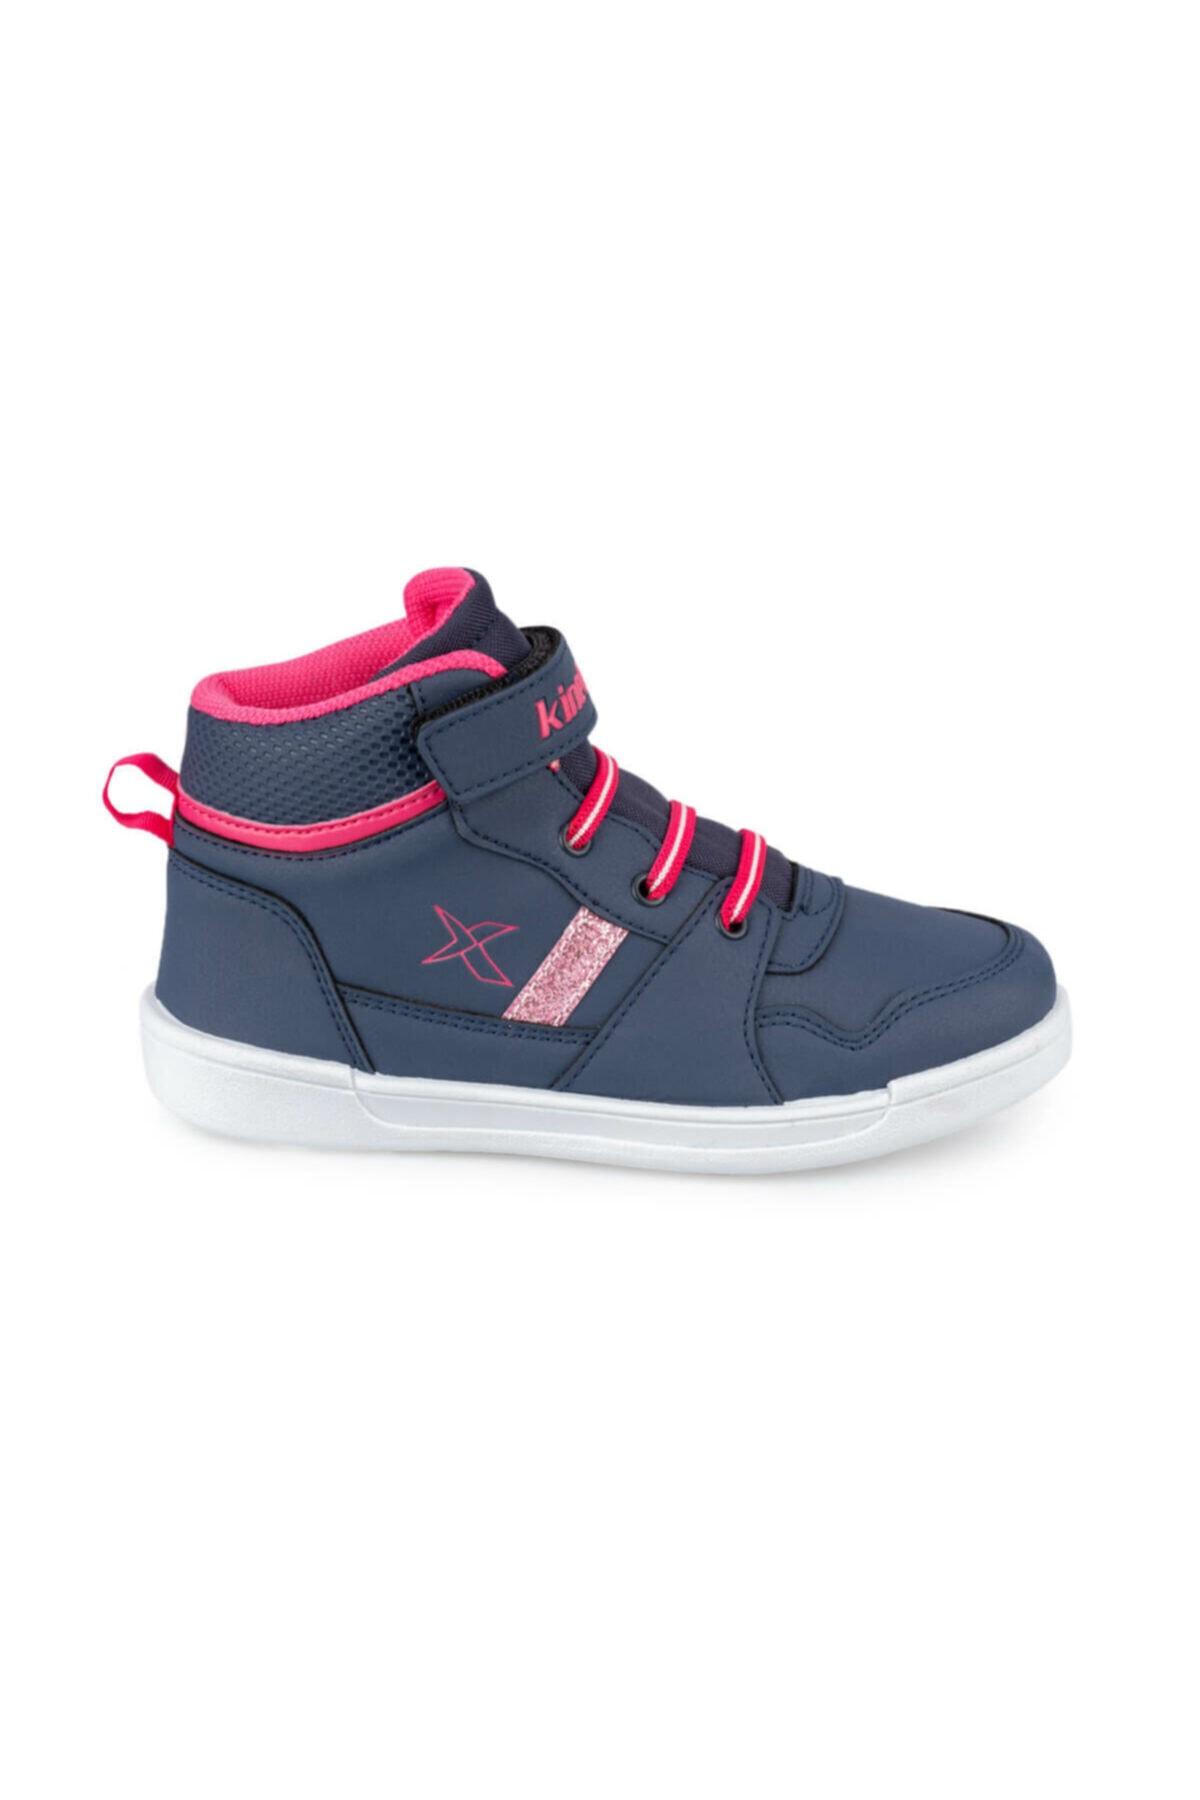 Kinetix ENKOS HI 9PR Lacivert Kız Çocuk Sneaker Ayakkabı 100425523 2